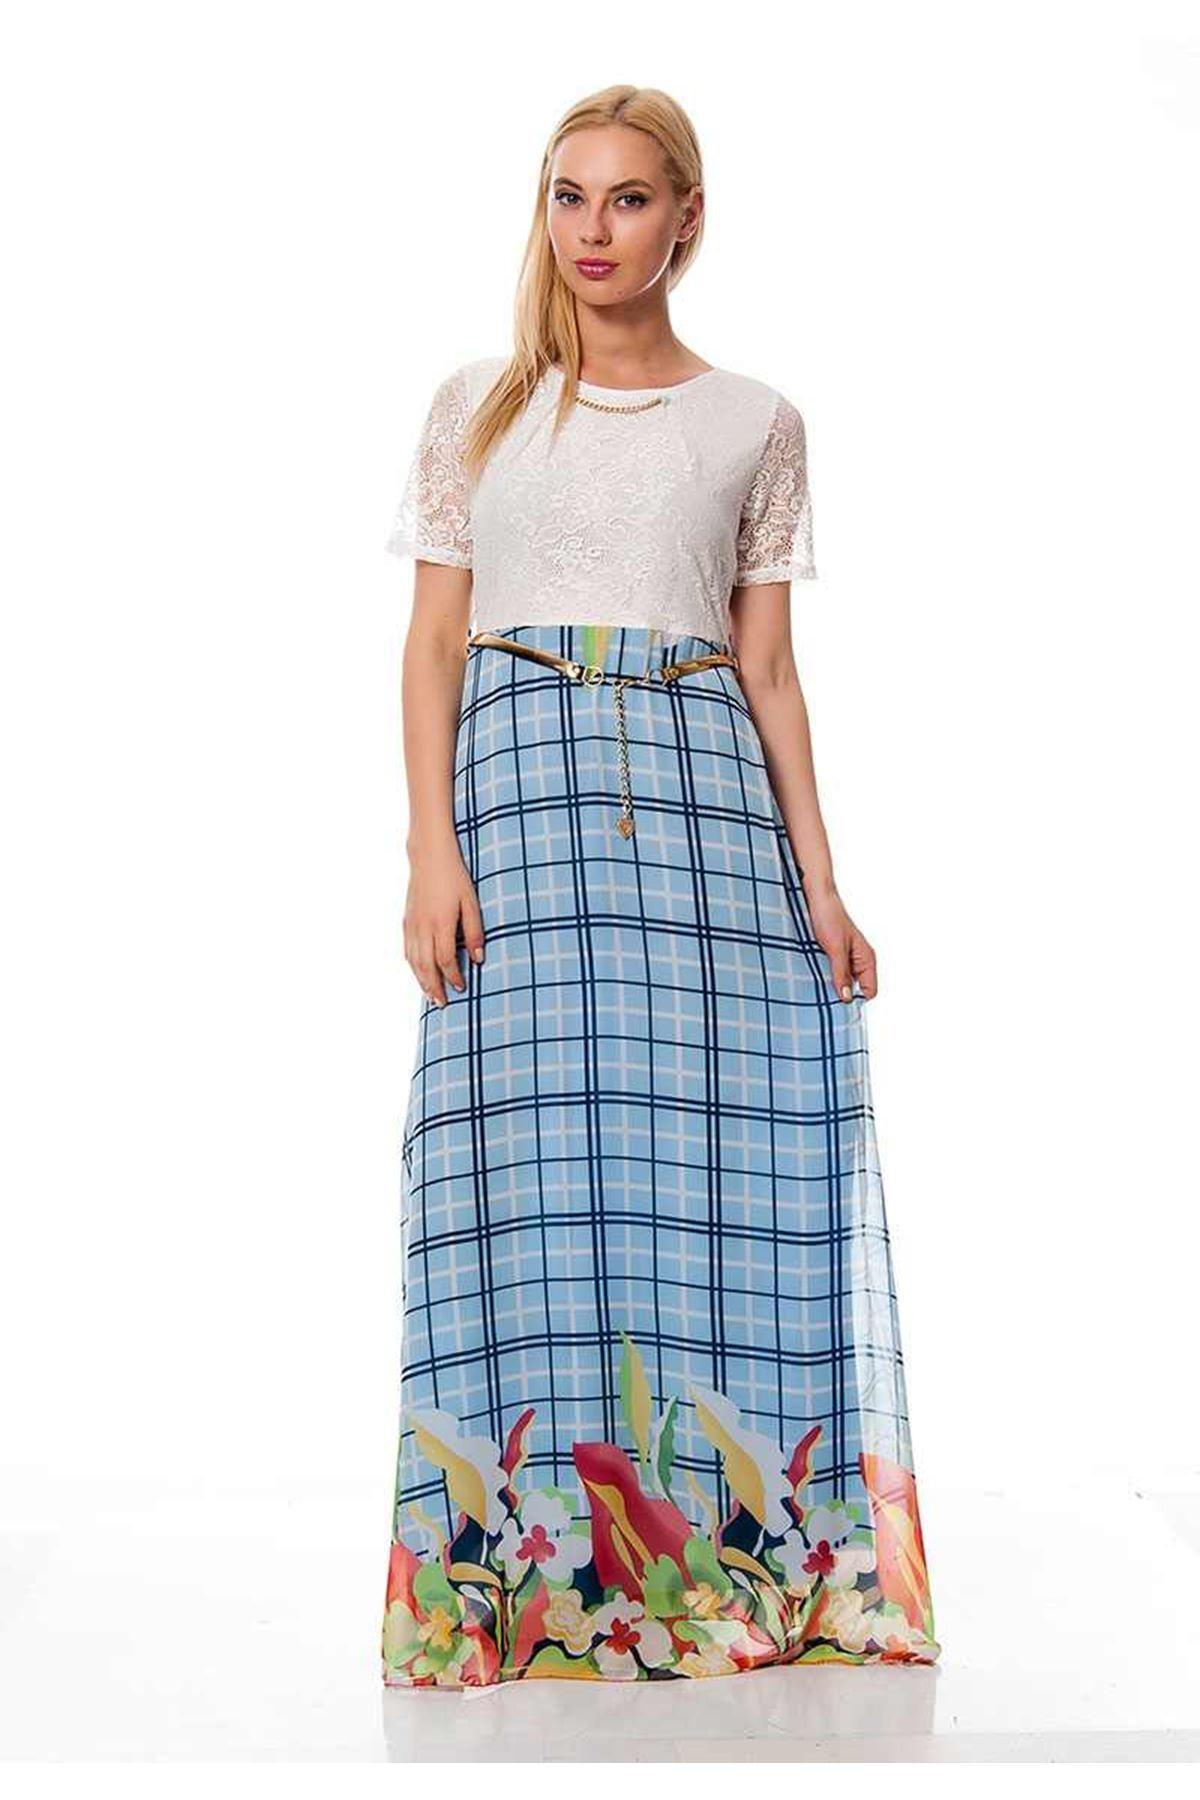 Turkuaz Desenli Kadın Elbise G8-116720